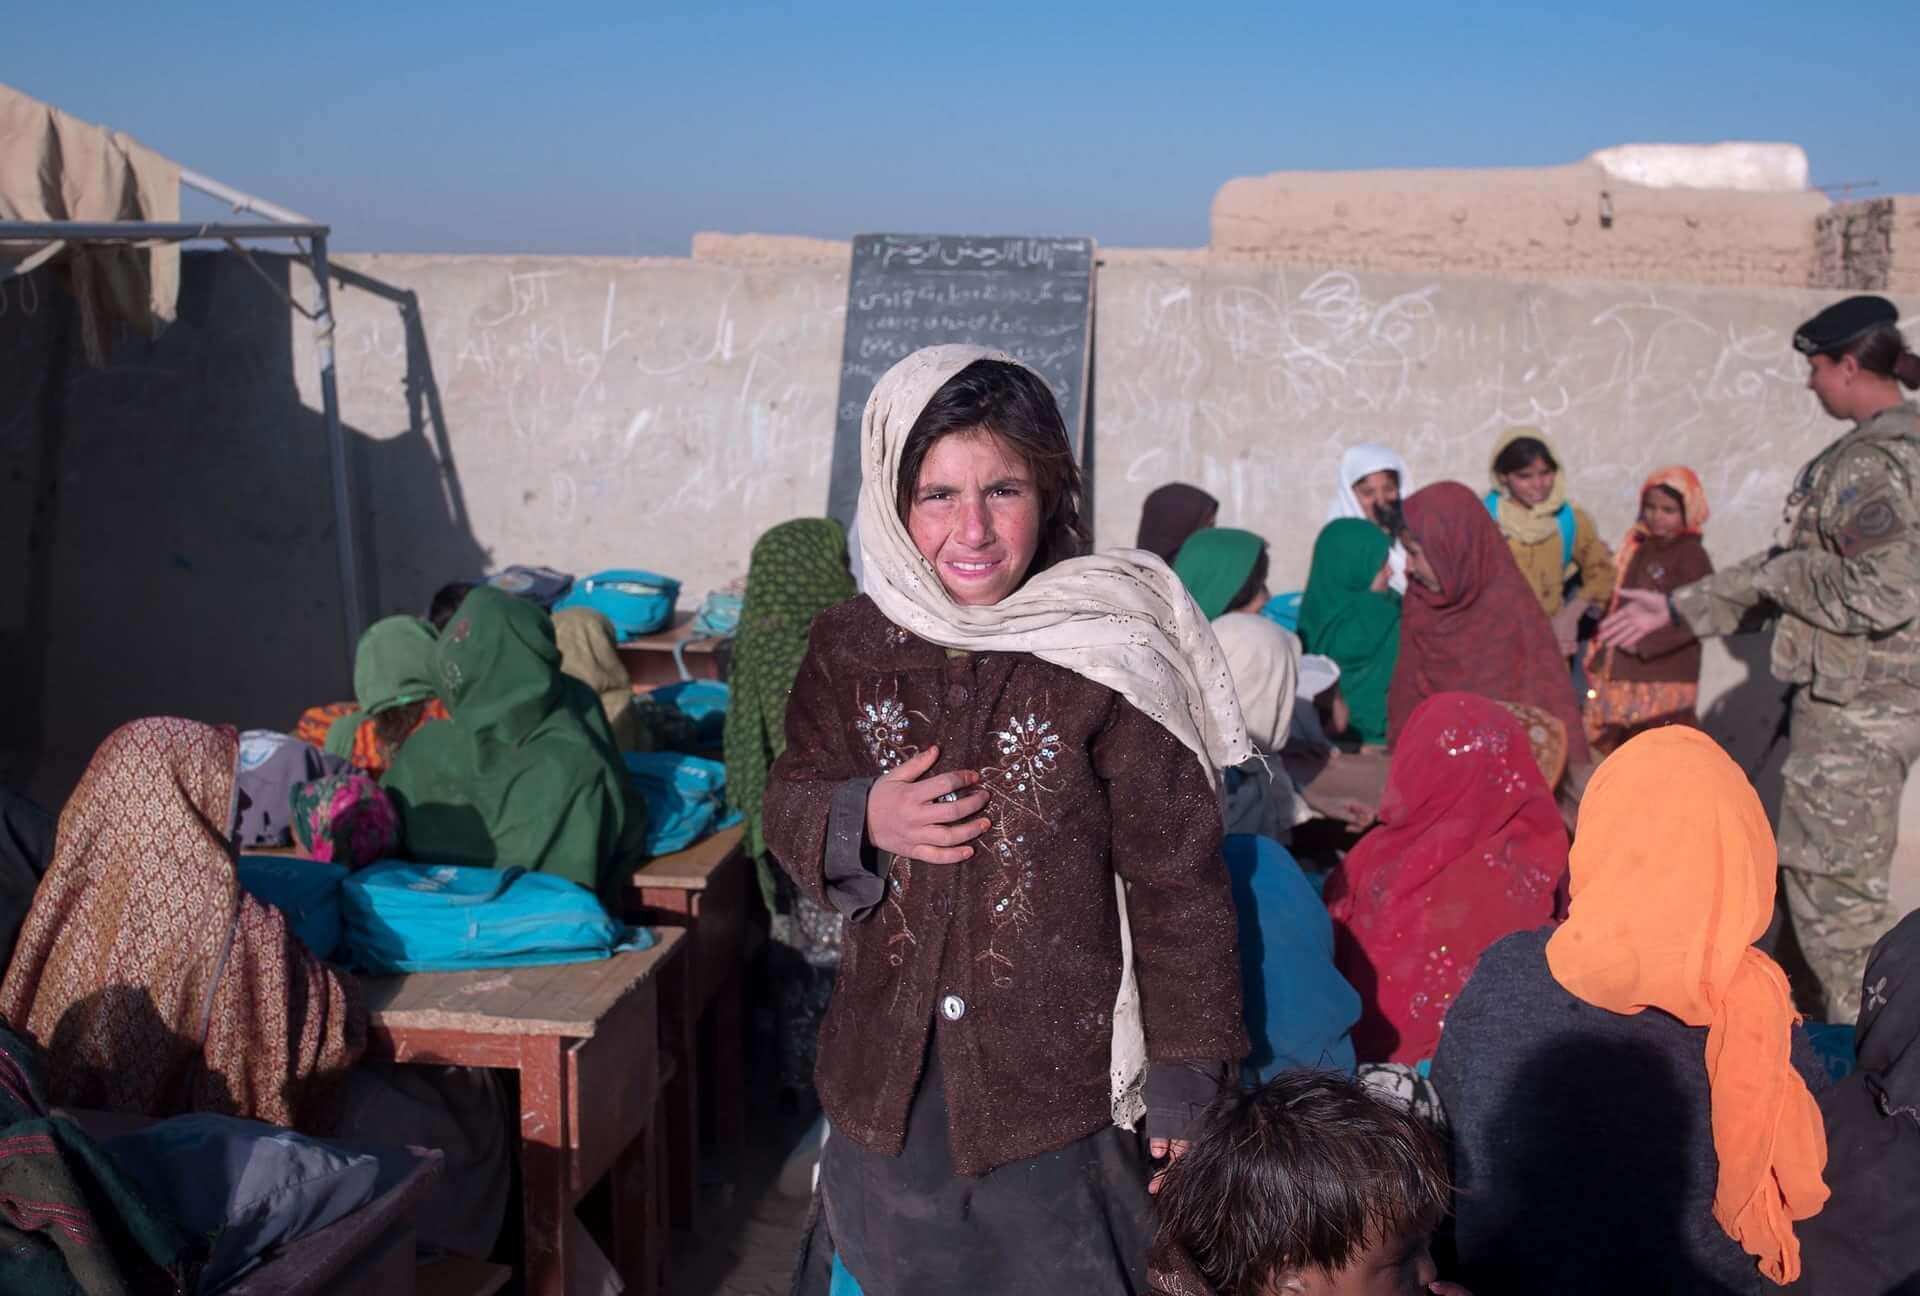 Mark Neville: Retratos de guerra que luchan contra los estigmas y muestran los rostros de los desplazados